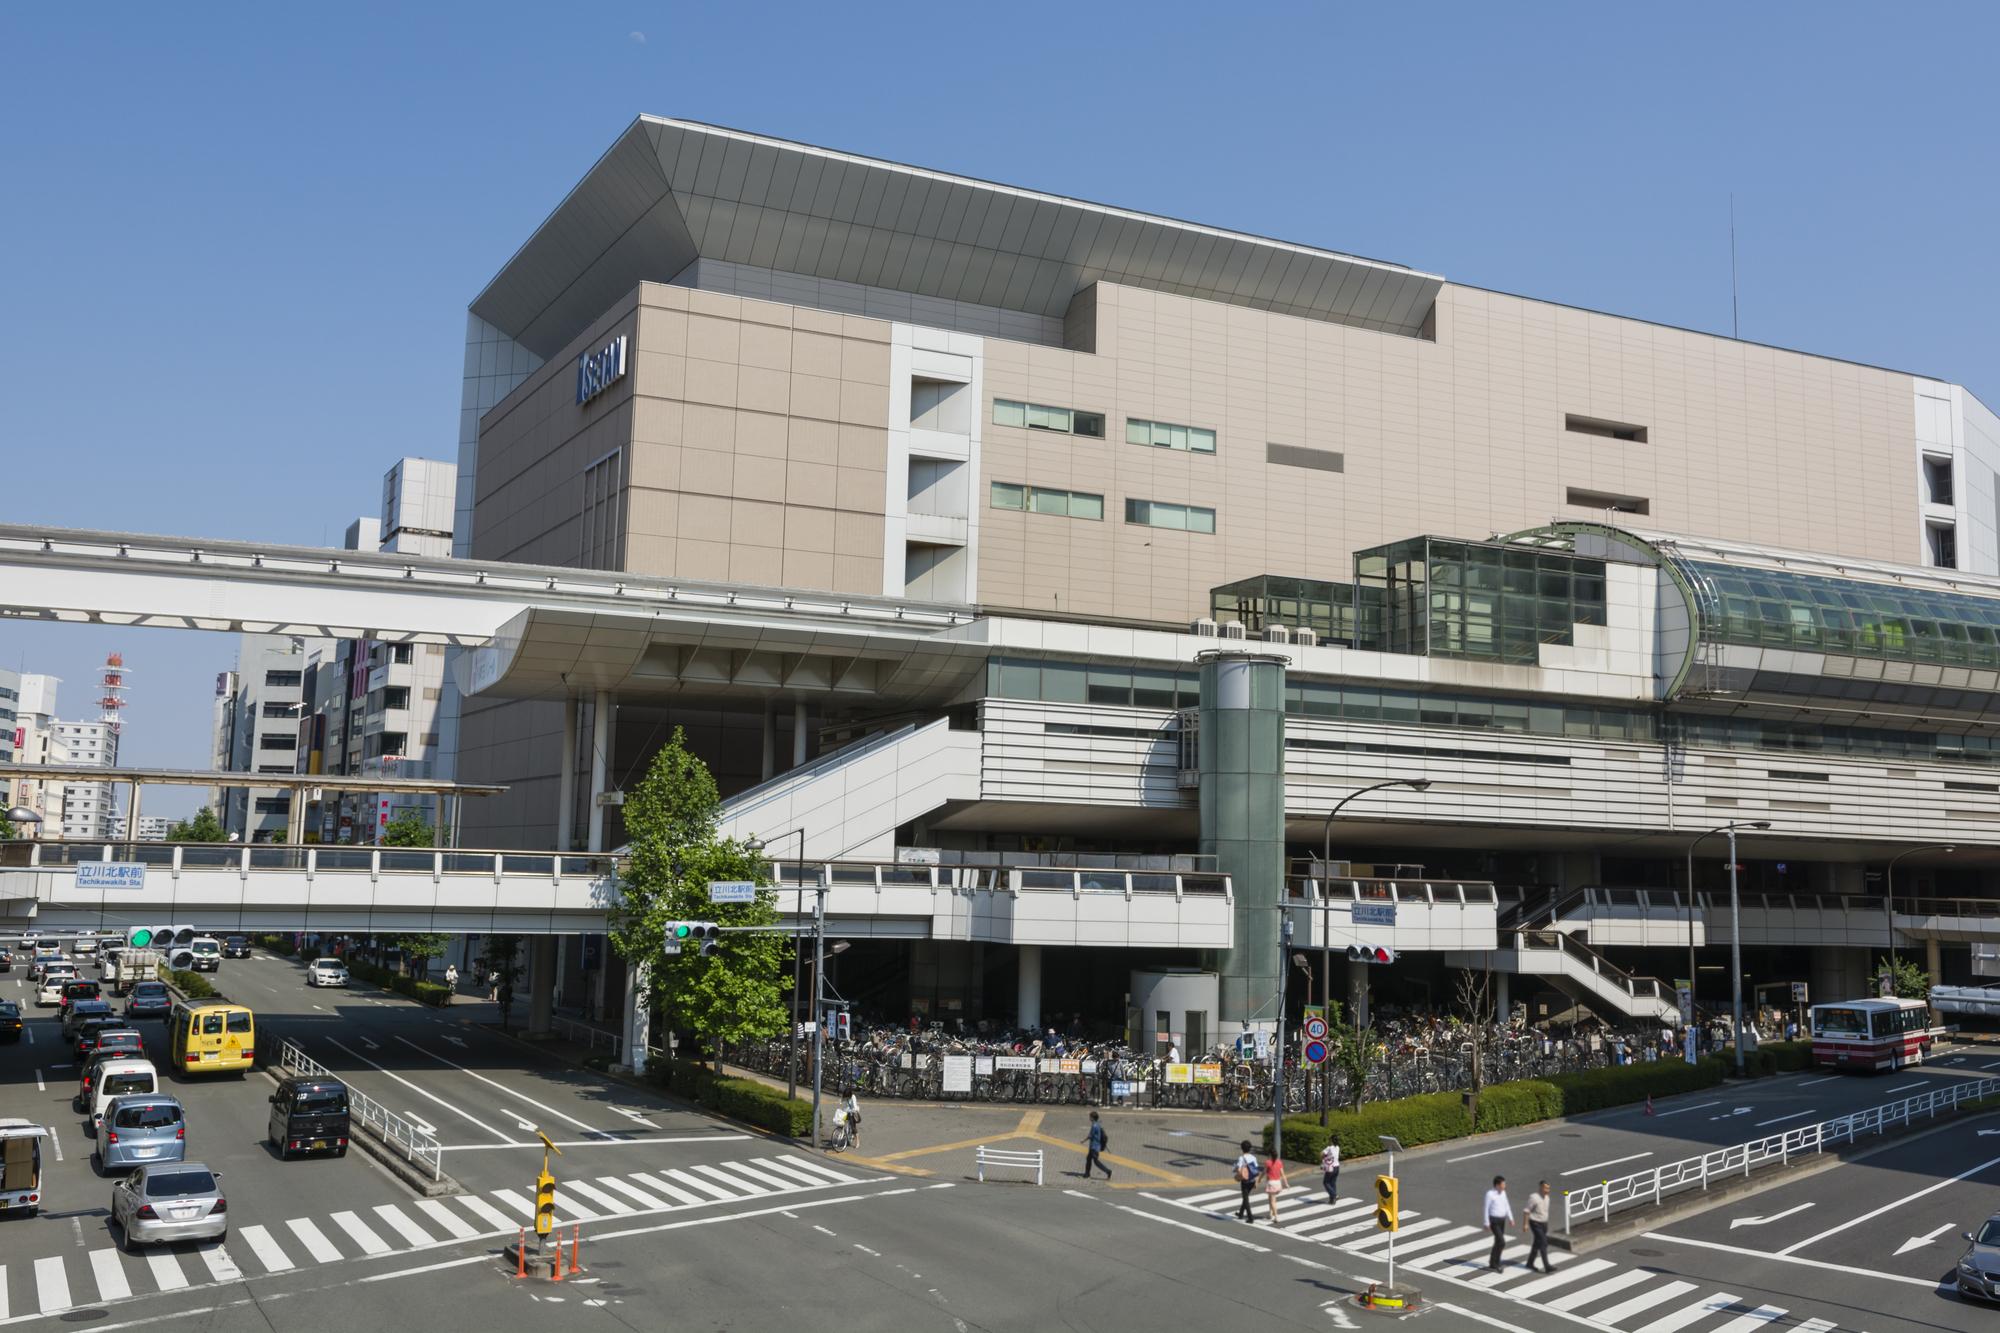 「待機児童数が少ない区=保育園に入りやすい」は間違い!? 東京23区保育園に入りにくい「駅」発表!